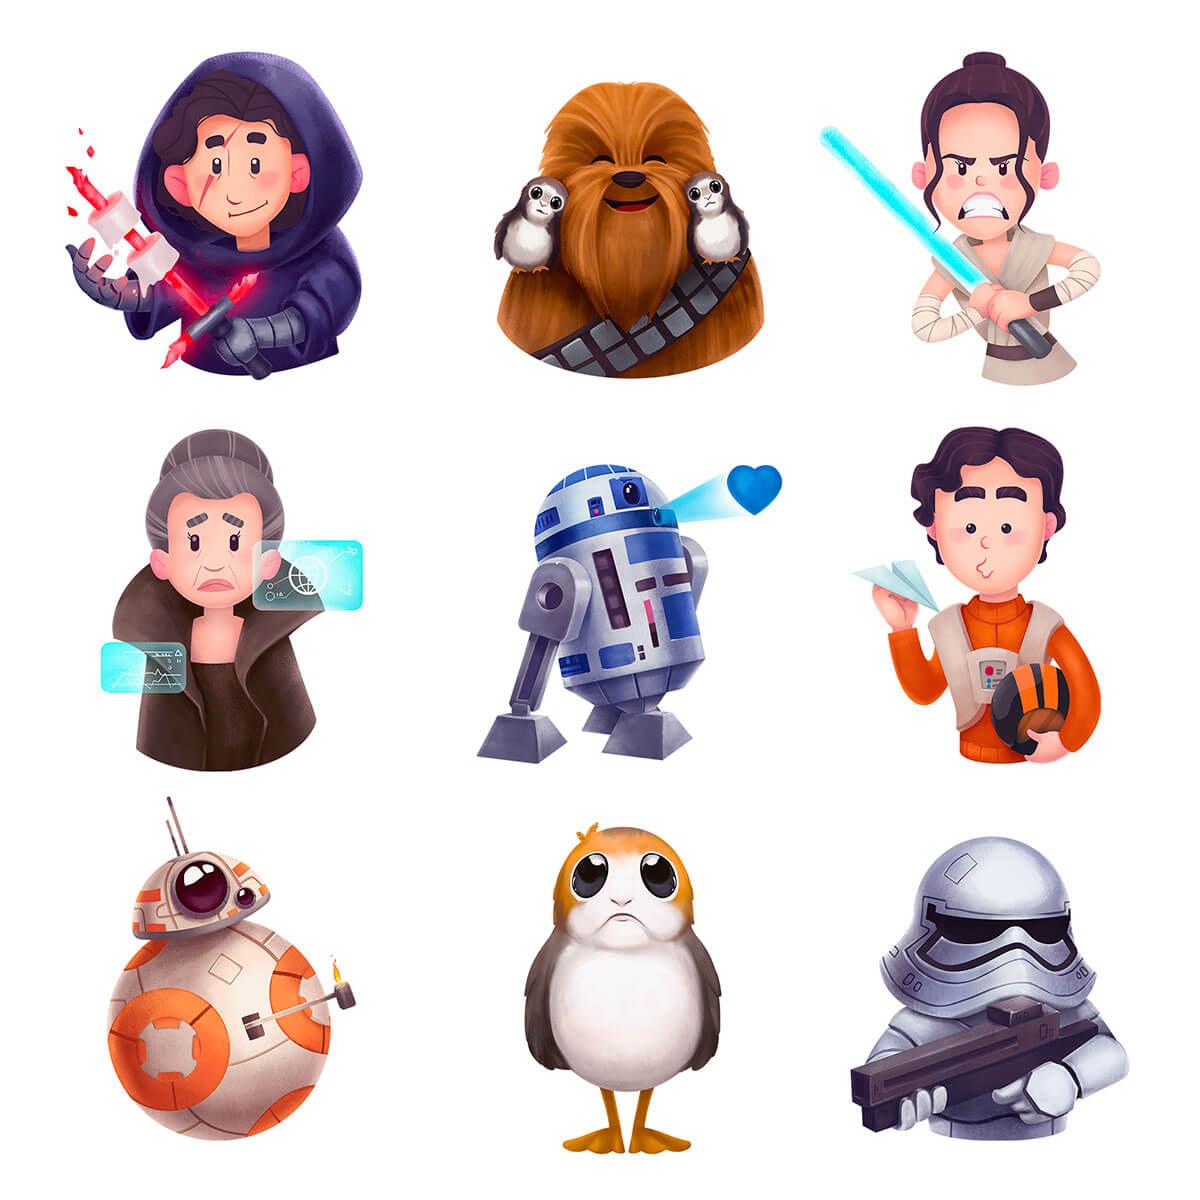 Star Wars Fan-Art by Tubik Studio